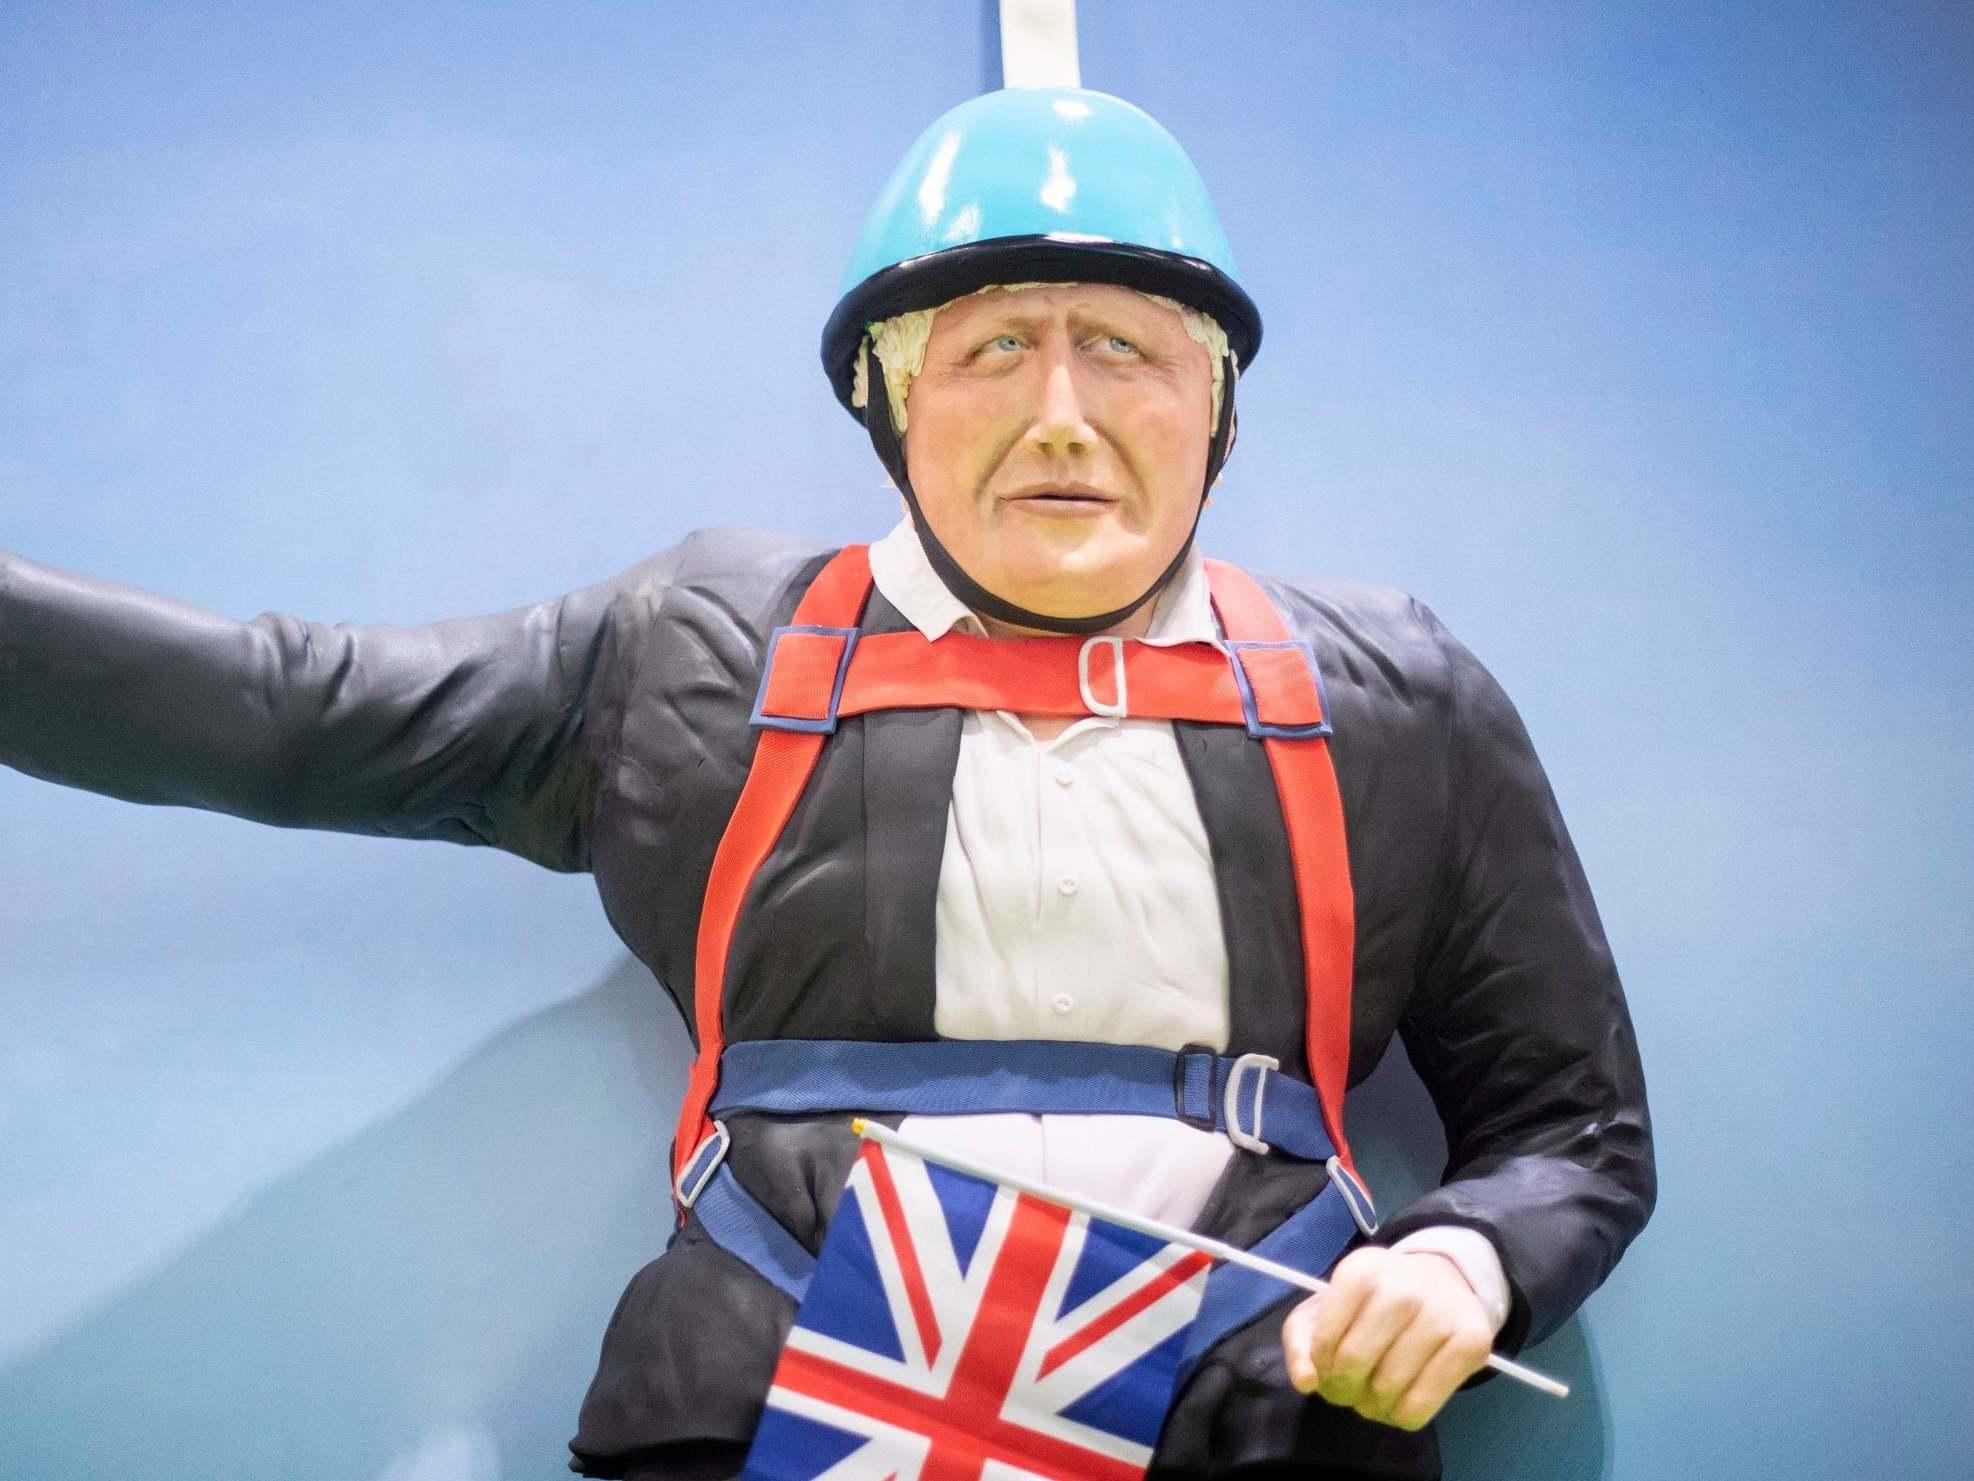 Life-sized Boris Johnson cake unveiled at bakery show 1